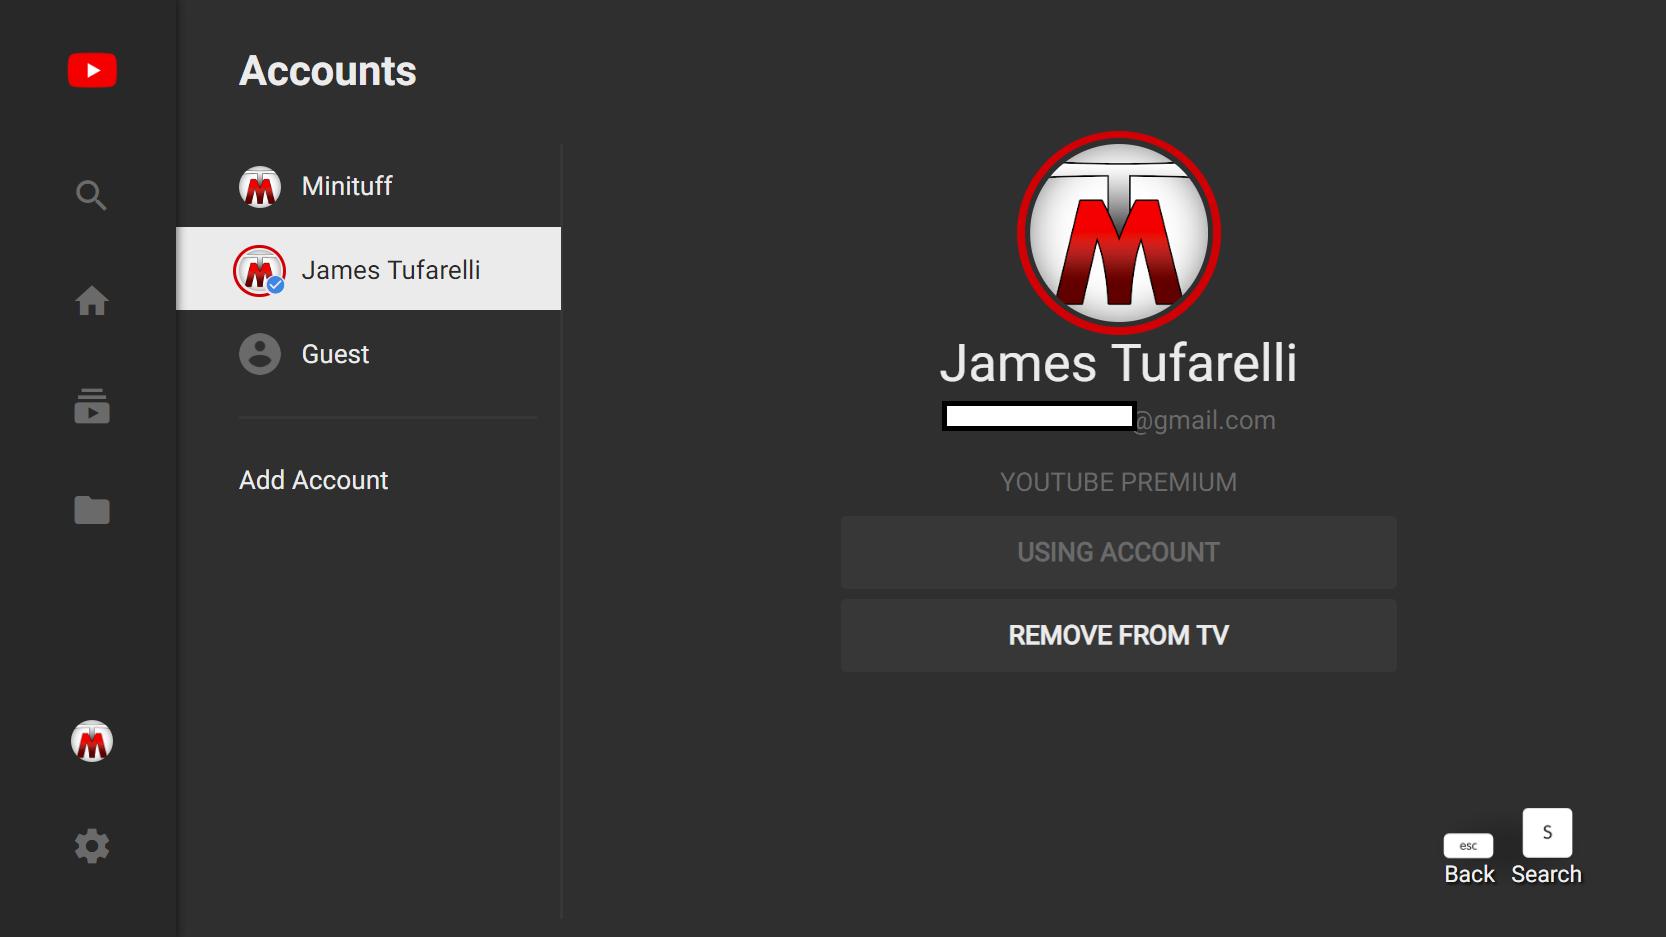 YouTube Premium not working on my Brand Account (TV